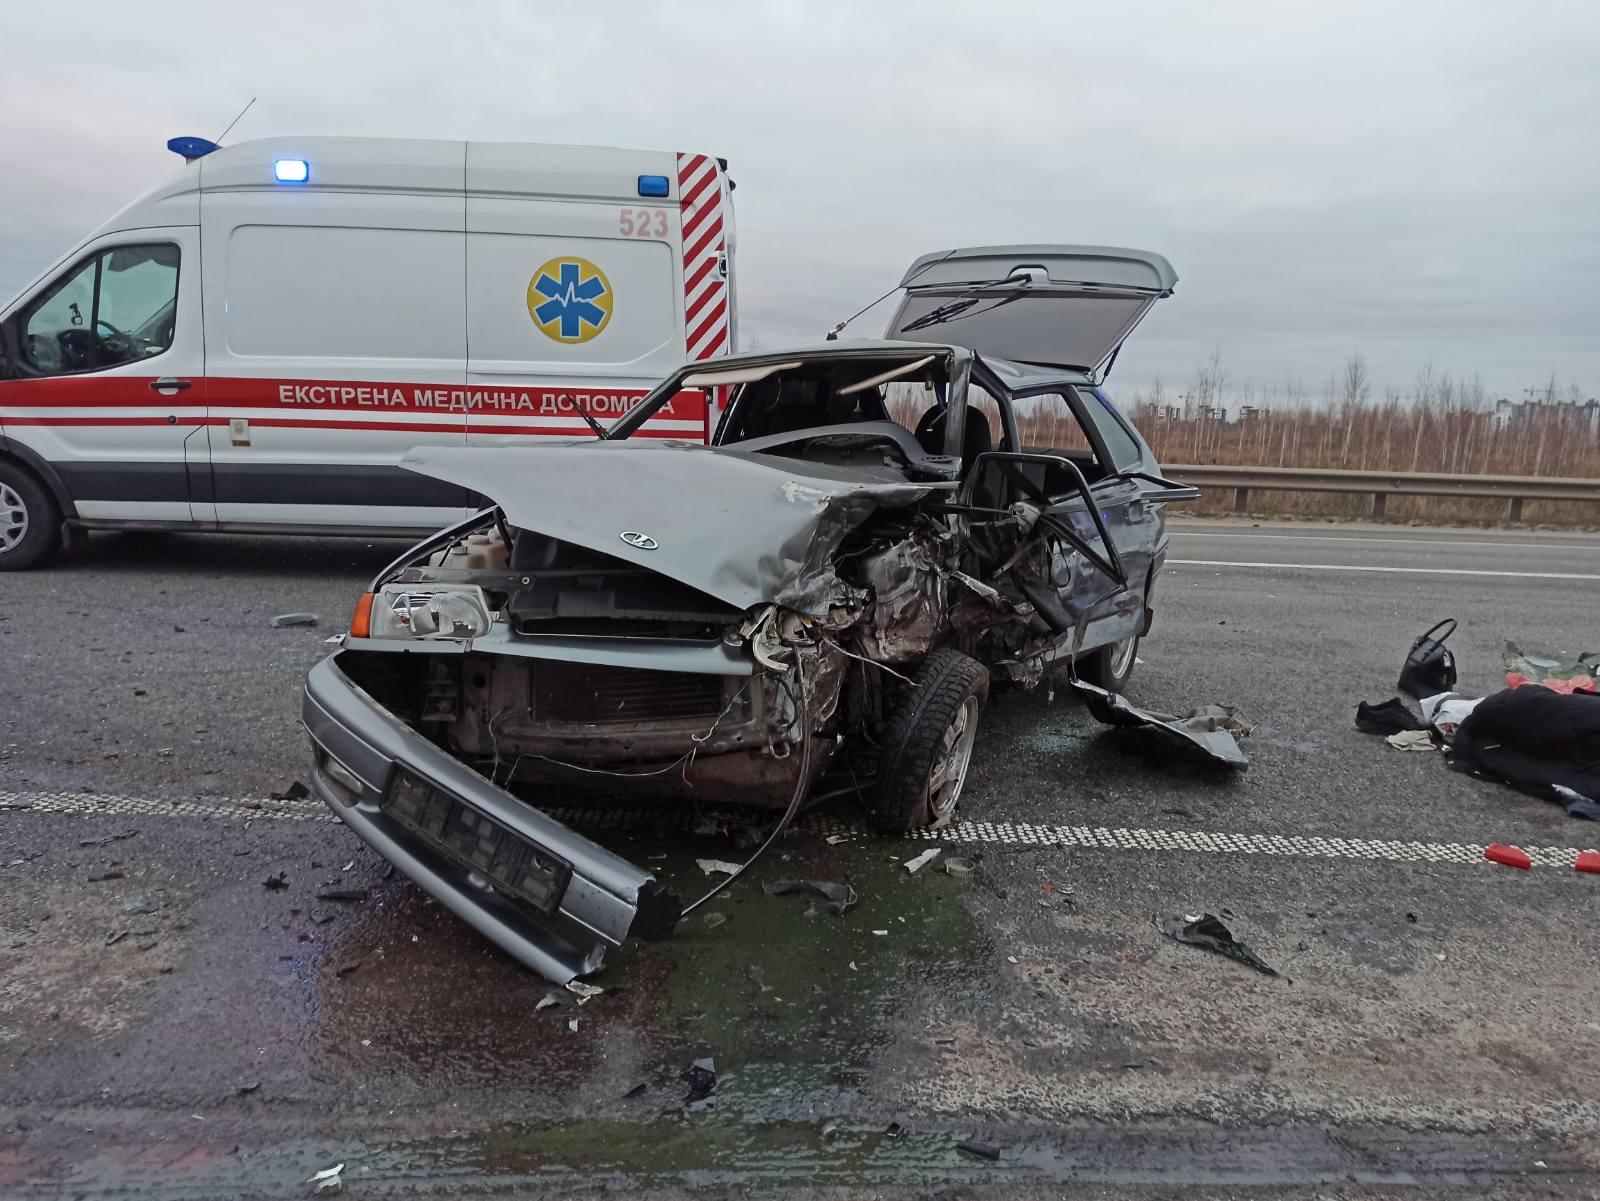 Зіткнення трьох легковиків у Ворзелі: рятувальники ліквідовували наслідки аварії - рятувальник, ДТП з потерпілим, Бучанська ОТГ - Vorz zitkn